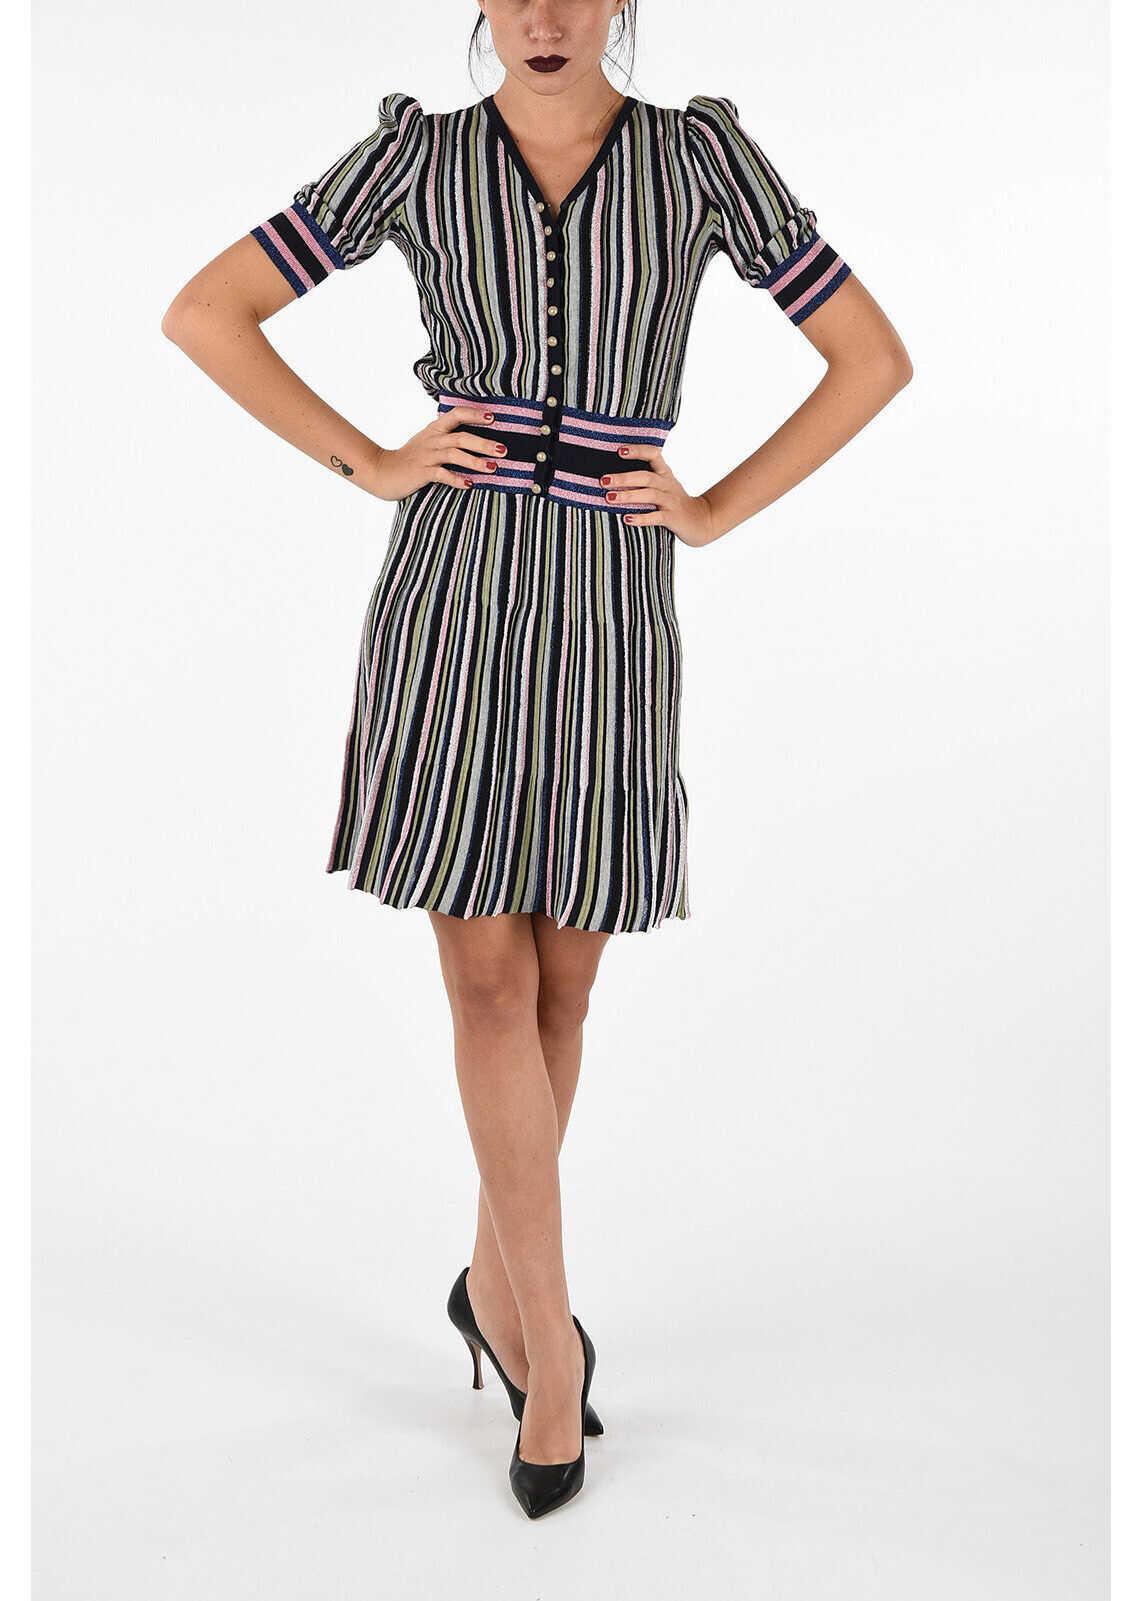 Armani EMPORIO Knitted Striped Dress MULTICOLOR